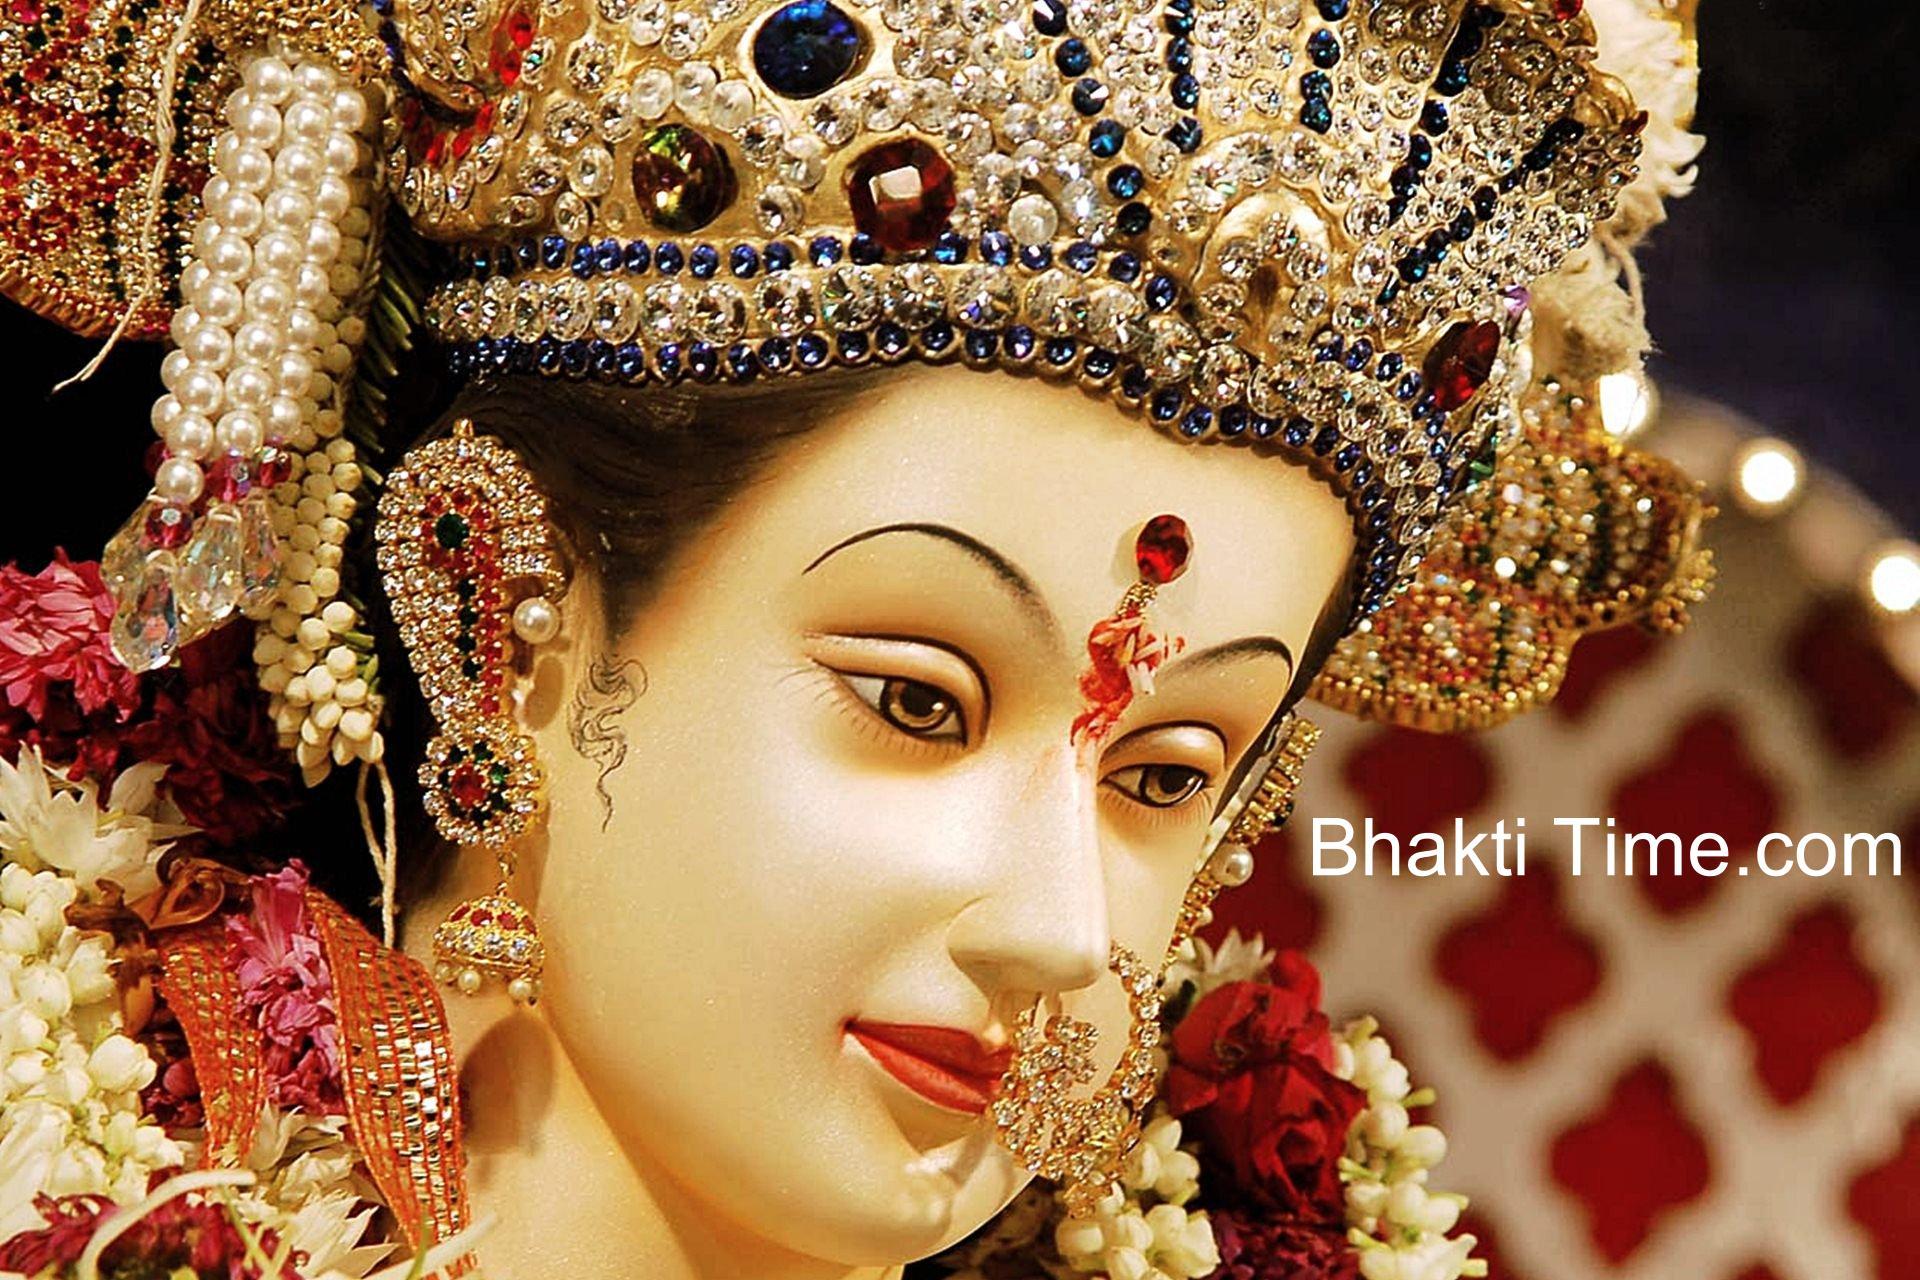 Maa Durga Images In Hd Wallpapers And Photos Shree Hanuman